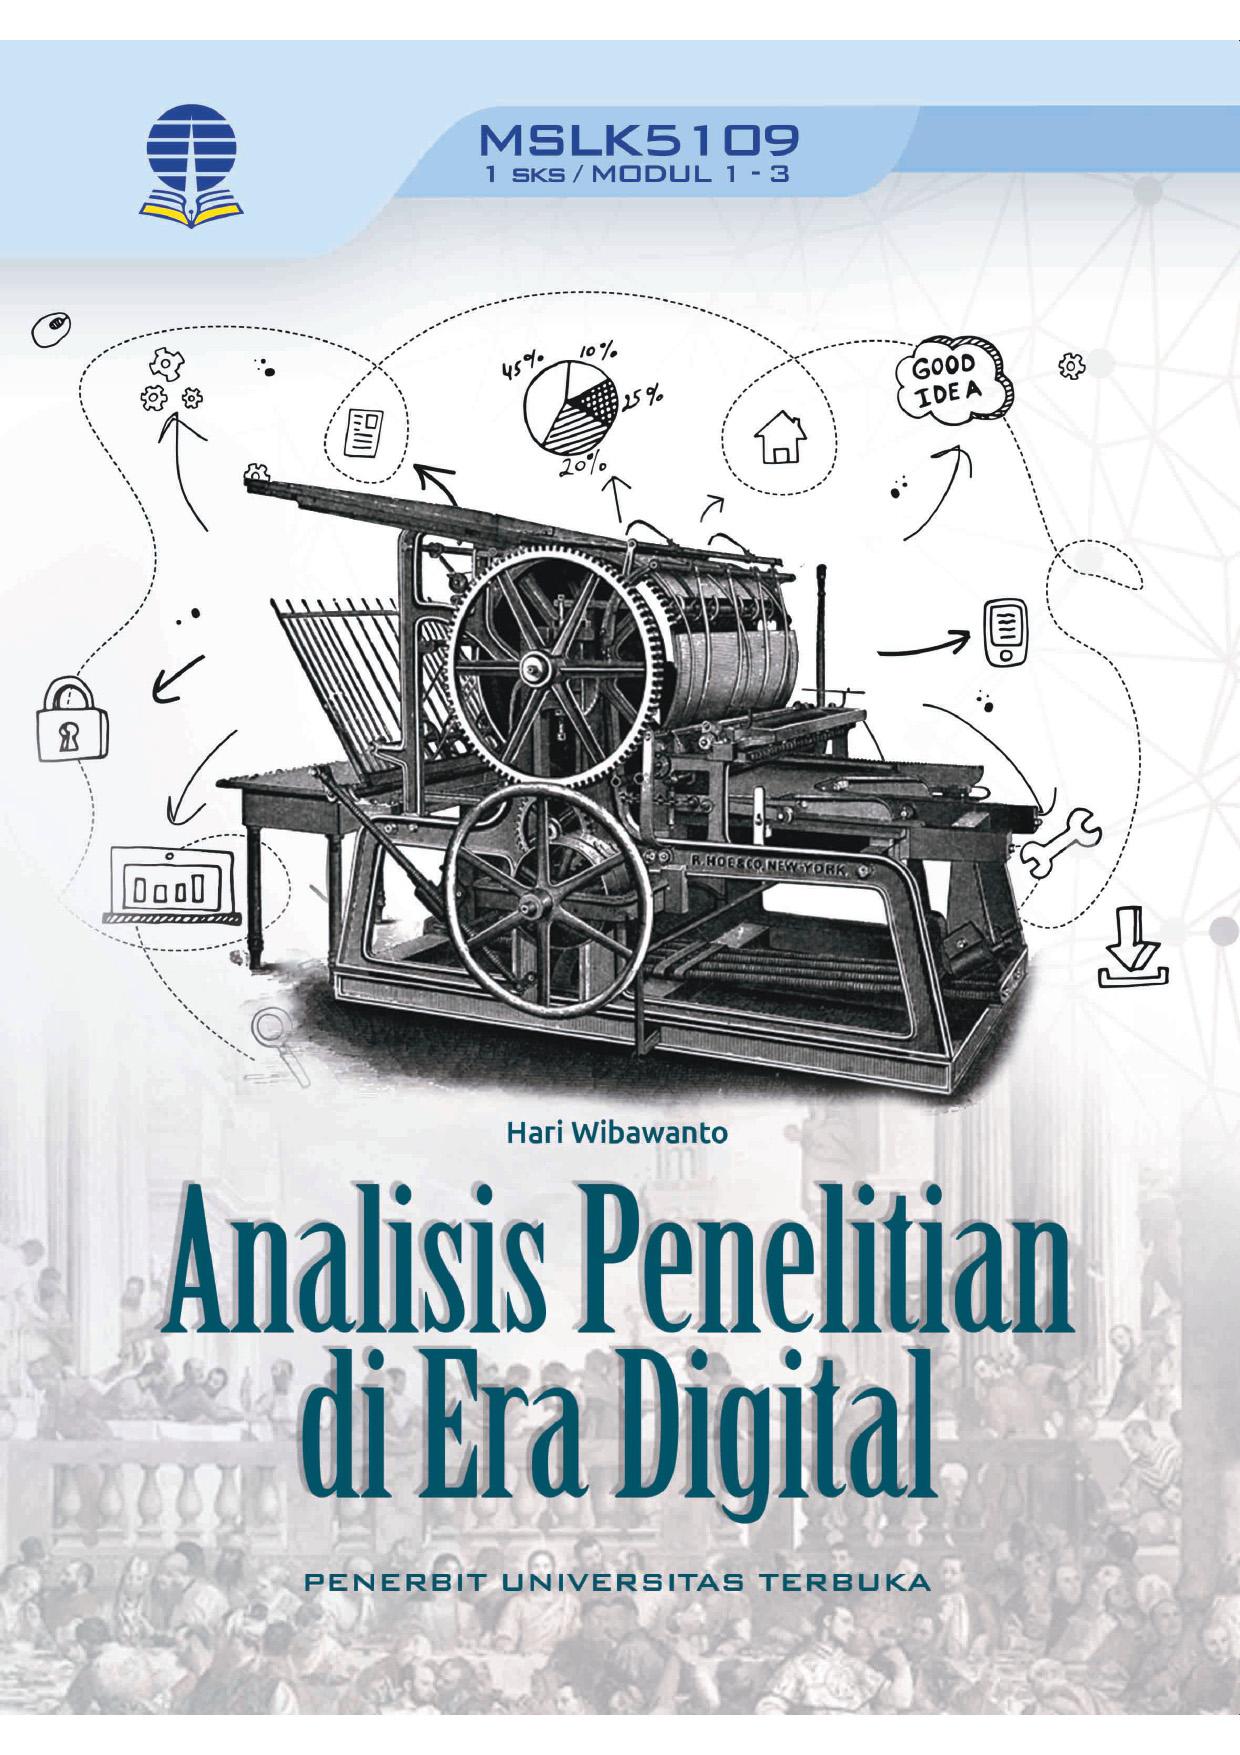 Analisis penelitian di era digital [sumber elektronis]